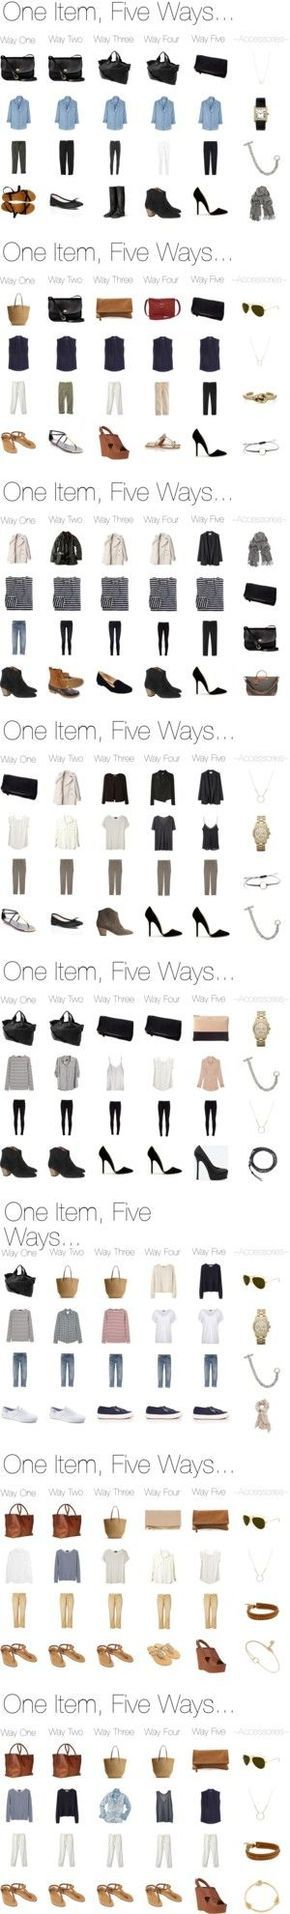 """Stil finden ganz leicht gemacht - Ein Teil 5 mal kombiniert *** """"One Item, Five Ways..."""" by keelyhenesey ❤ liked on Polyvore"""